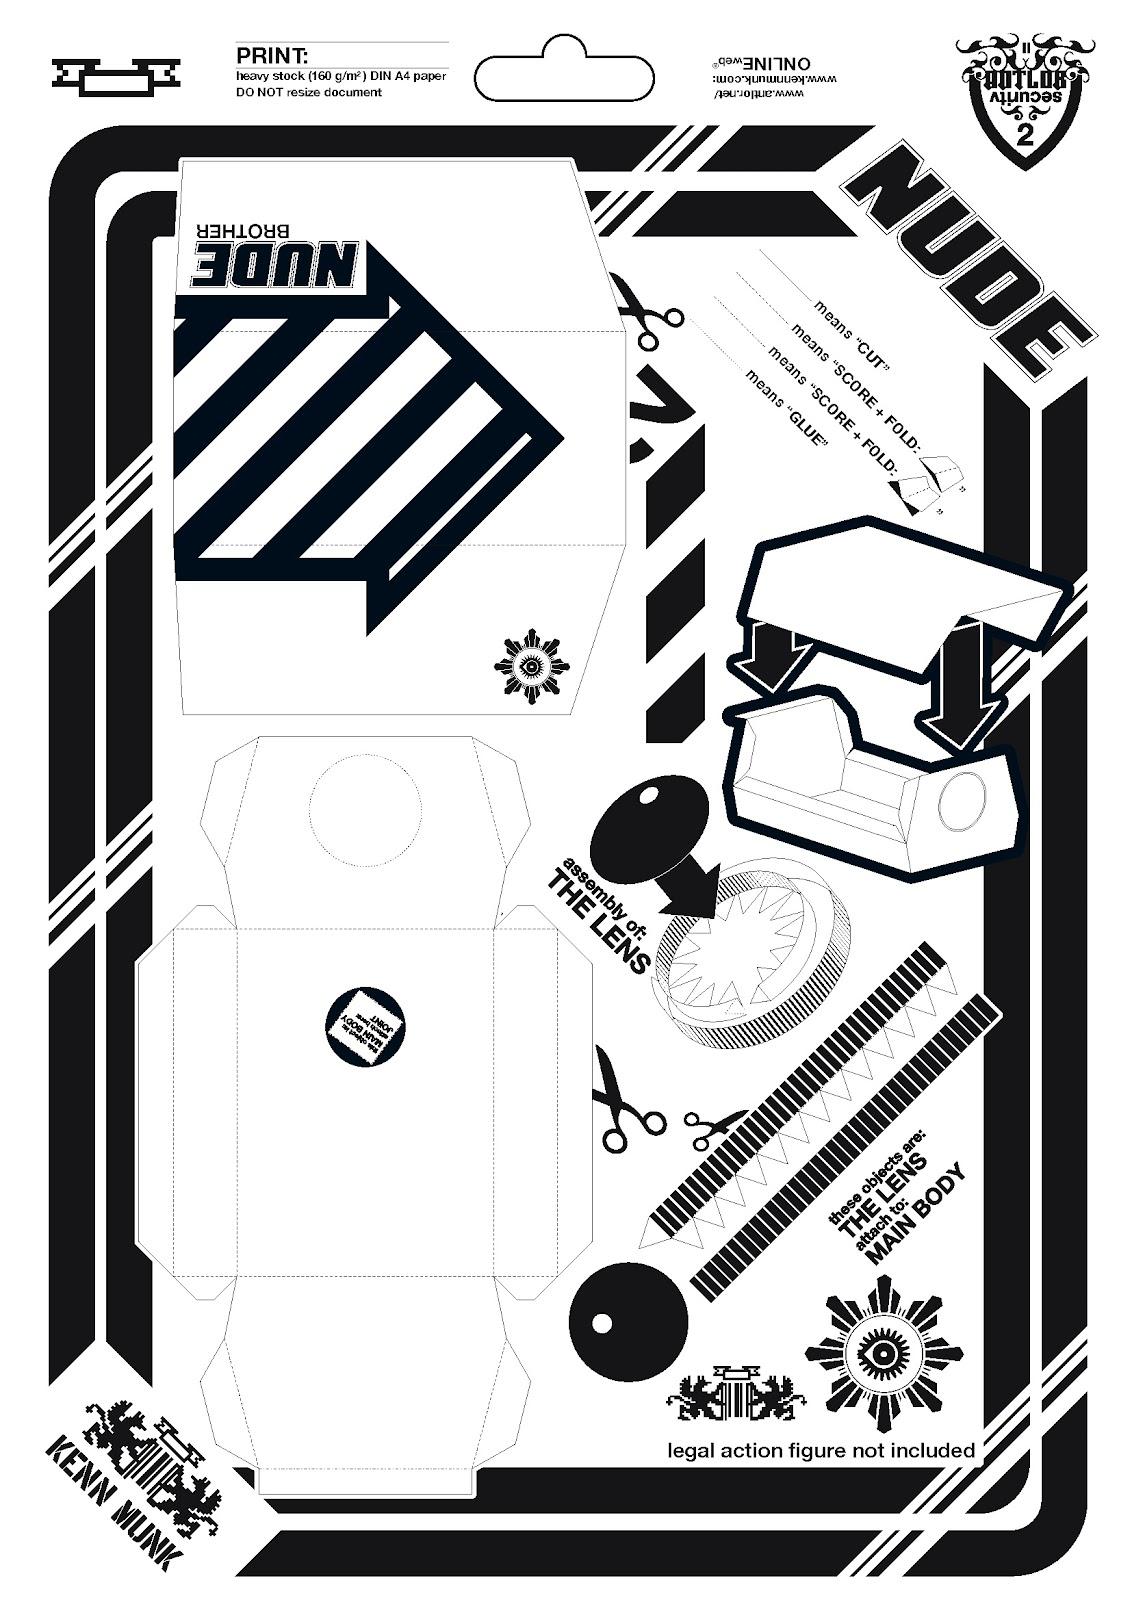 cámara, seguridad, papel, origami, manualidades, diys, vídeo vigilancia